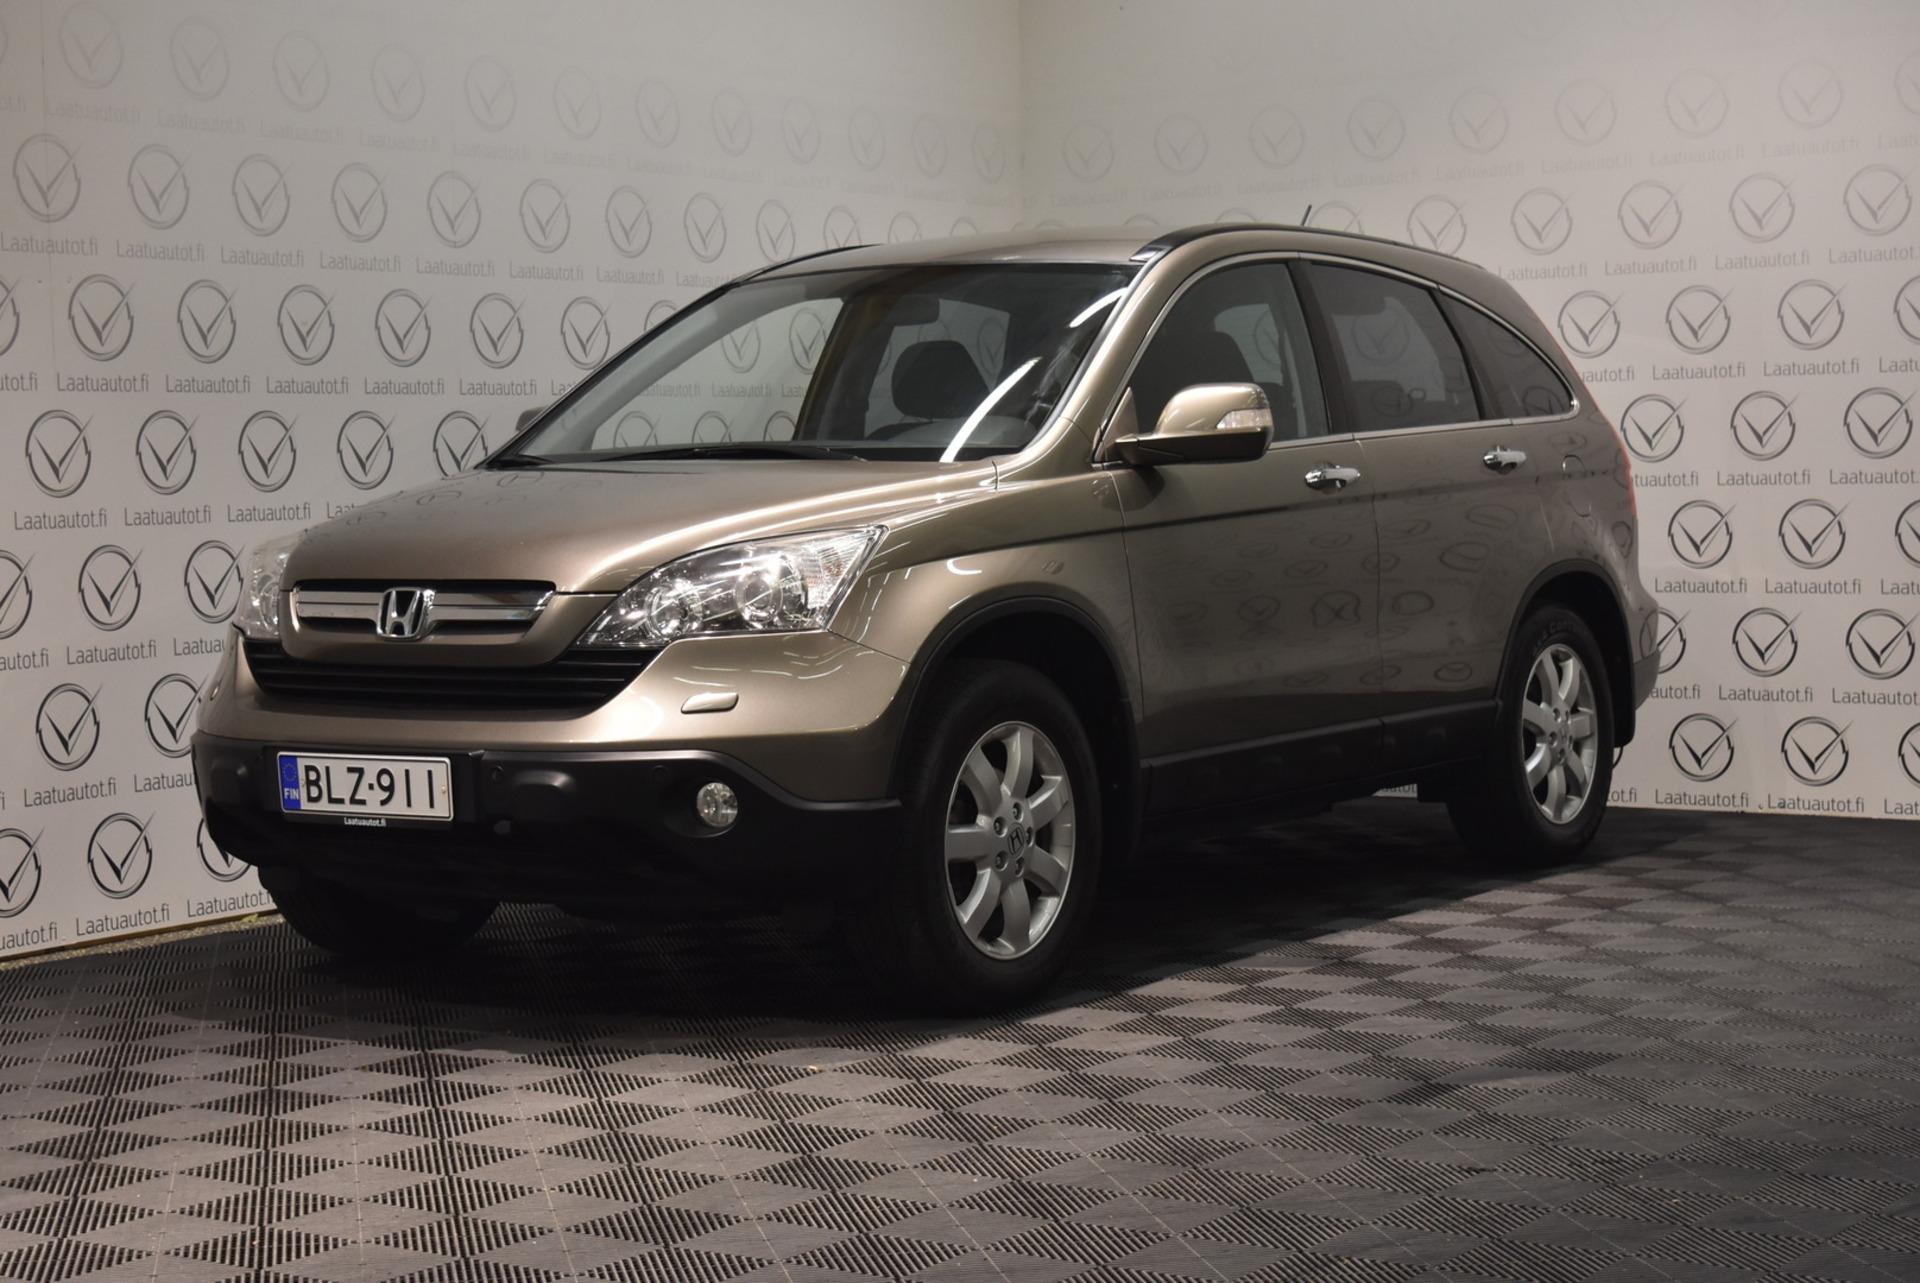 HONDA CR-V 2, 0i Elegance 4WD Business - Korko: 1, 89%,  jopa ilman käsirahaa! Kuntotarkastettu neliveto vetokoukulla!